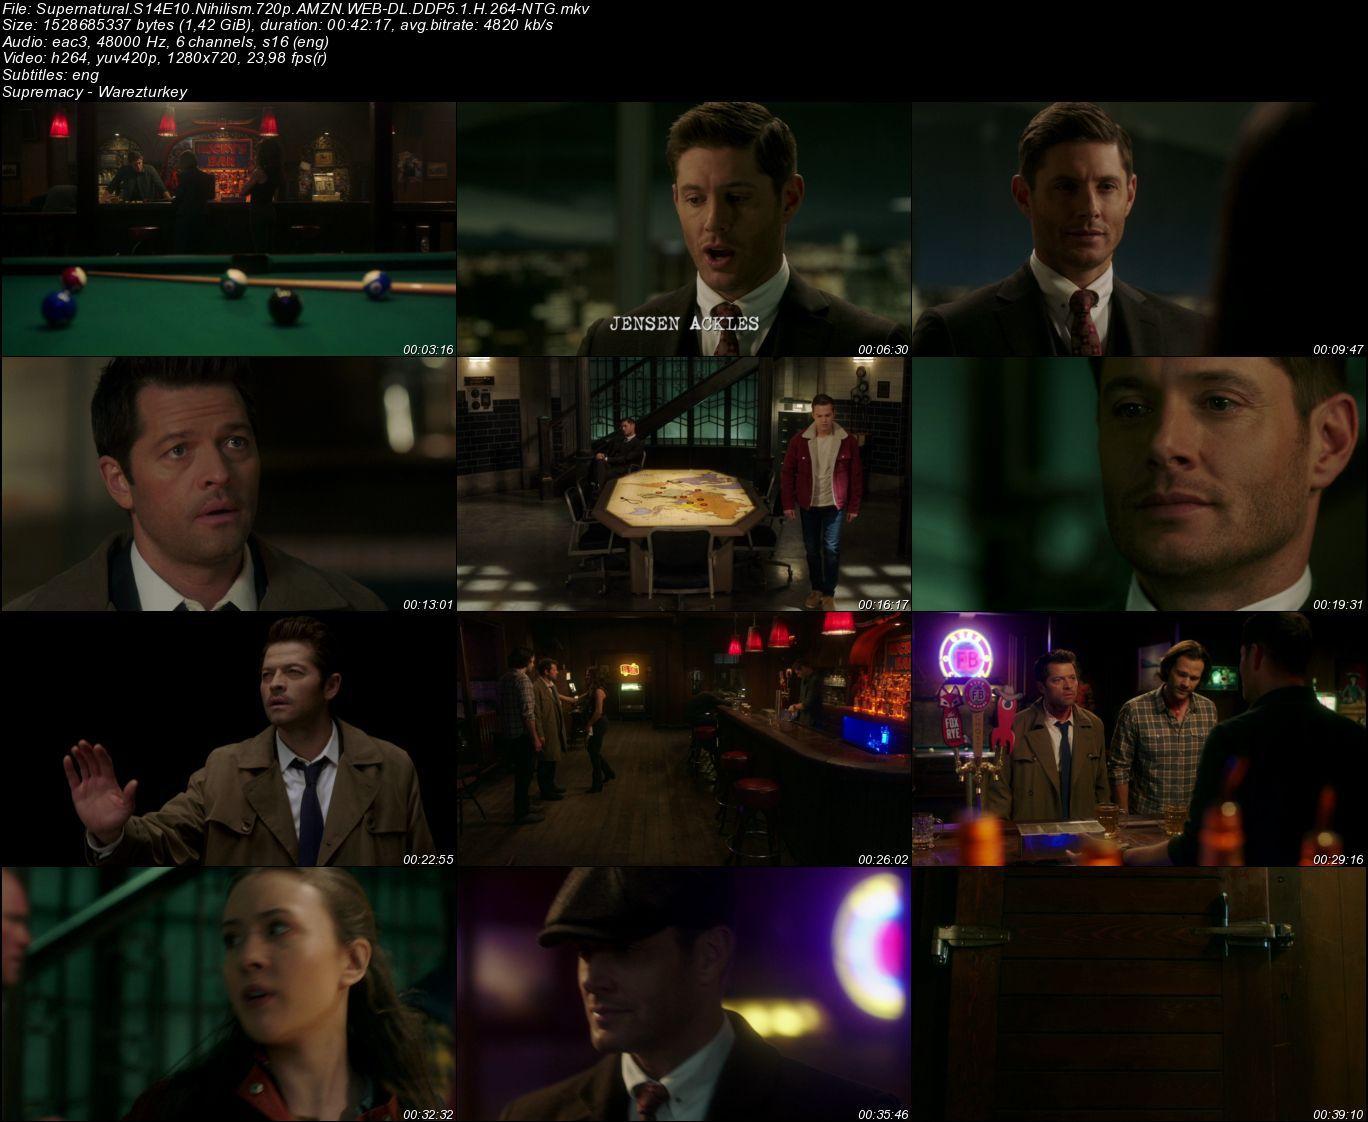 Supernatural - Sezon 14 - 720p HDTV - Türkçe Altyazılı